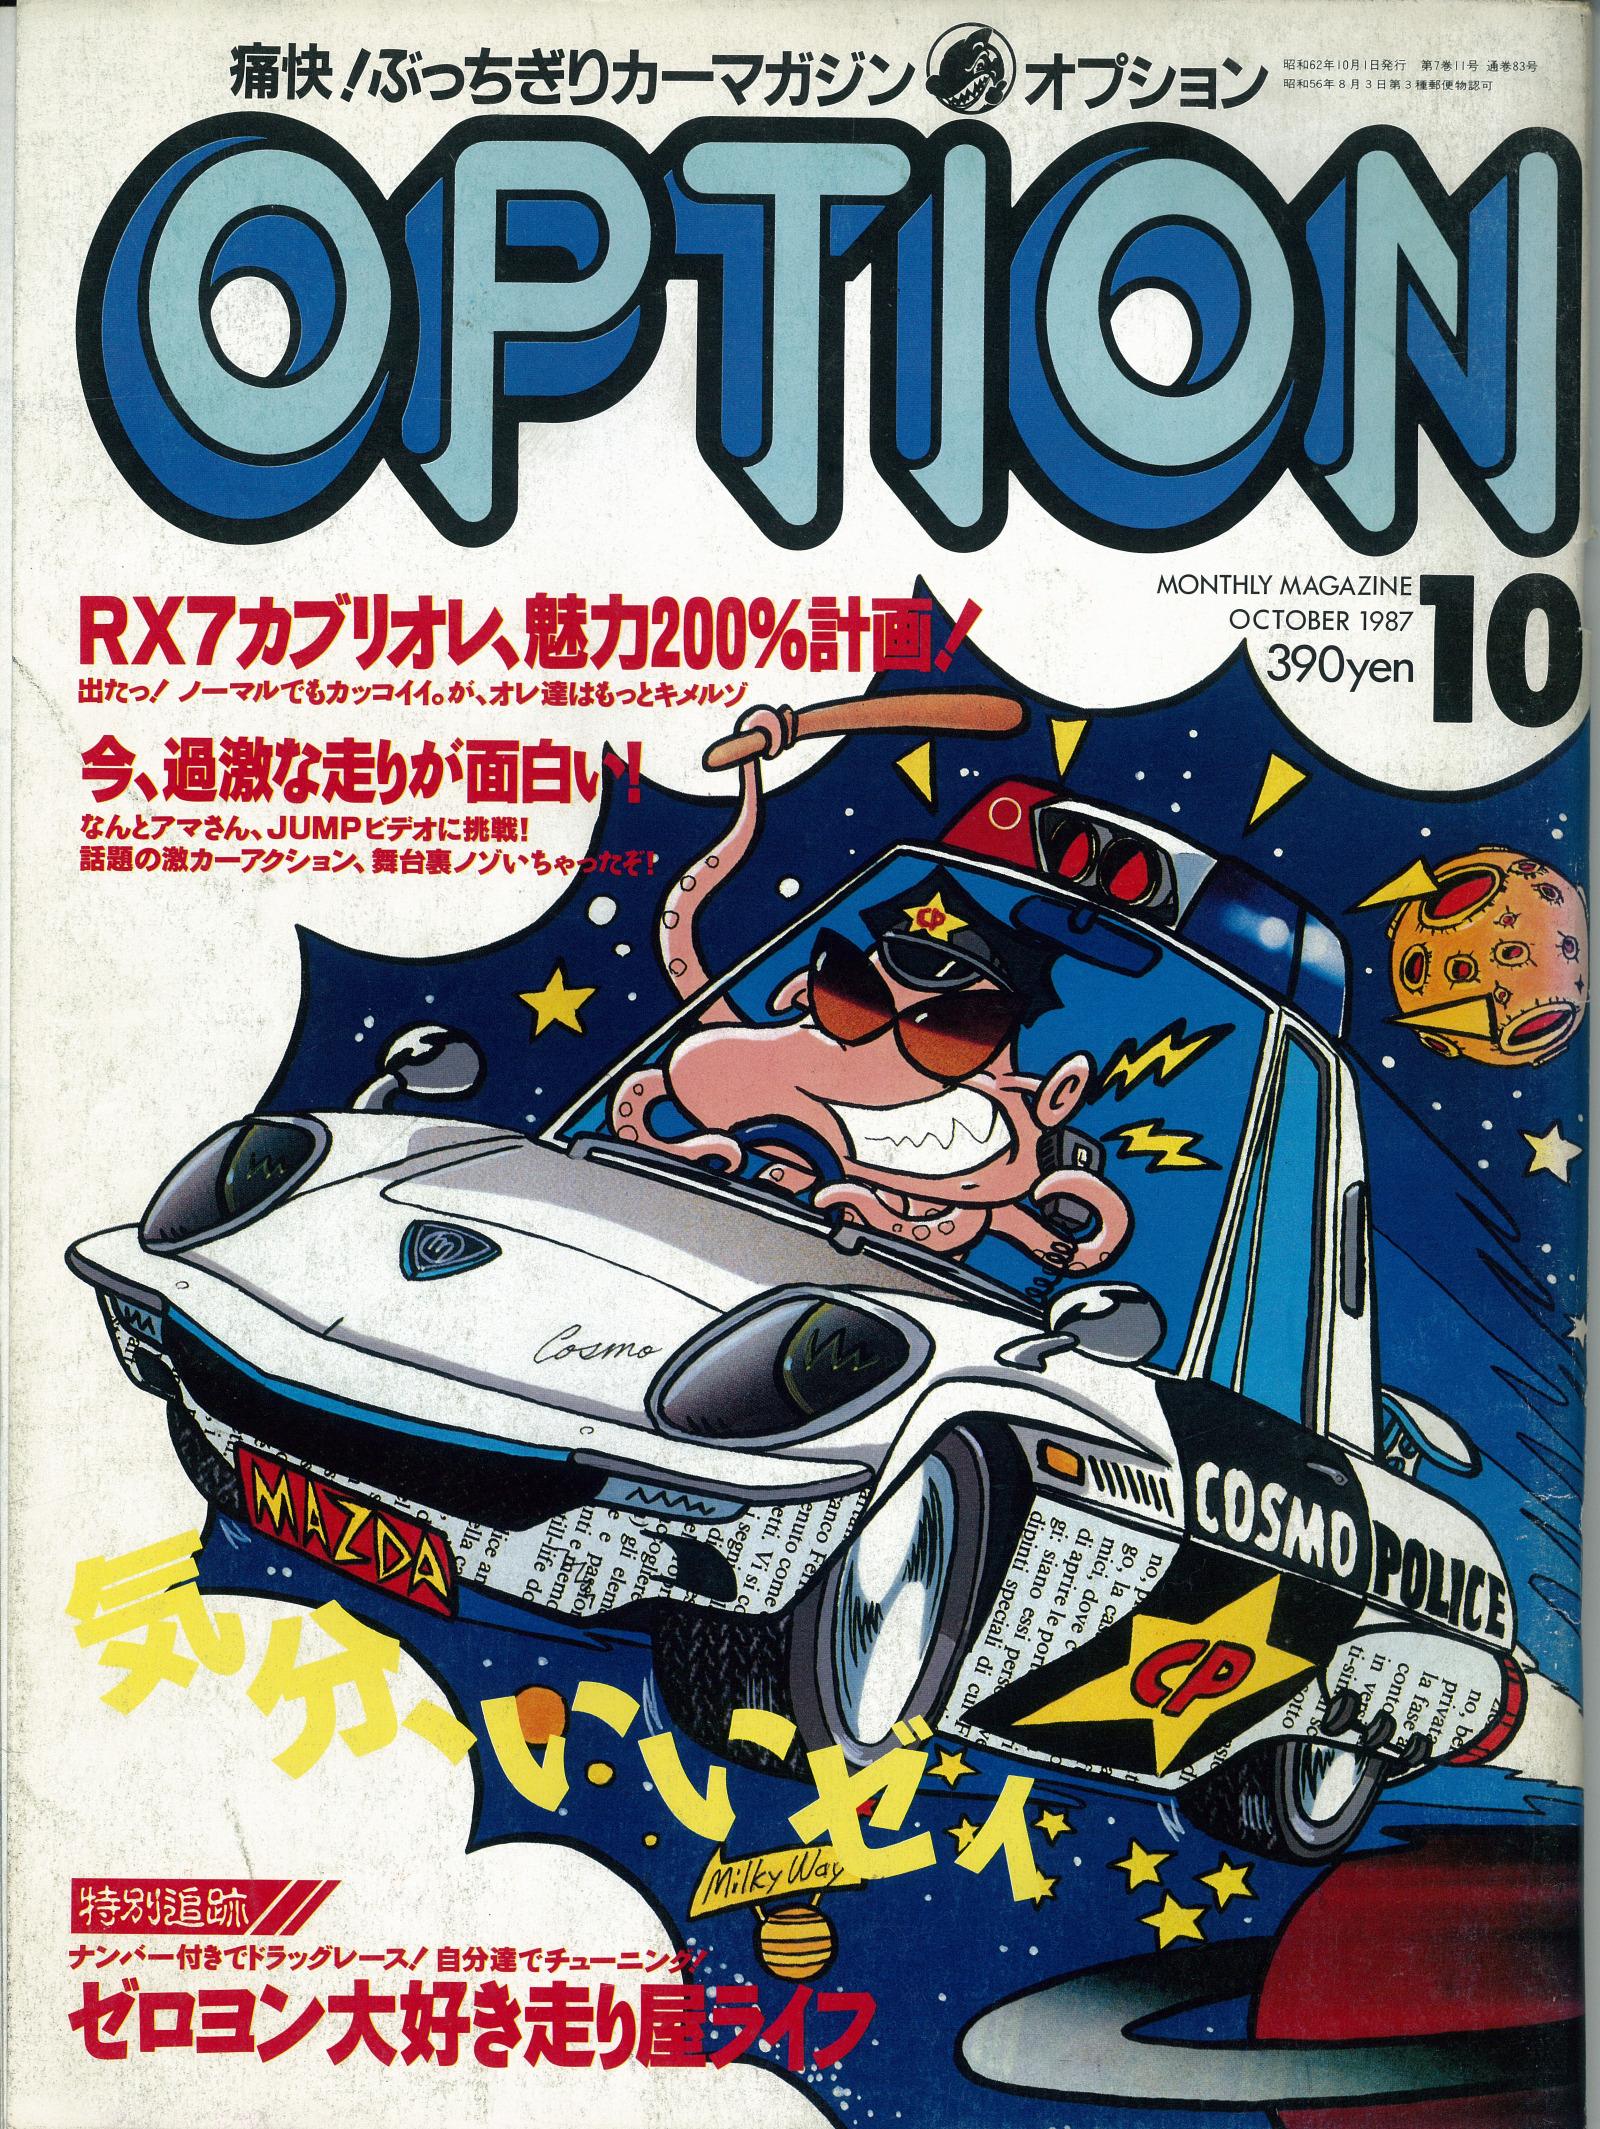 1987年10月号のOPTION誌表紙